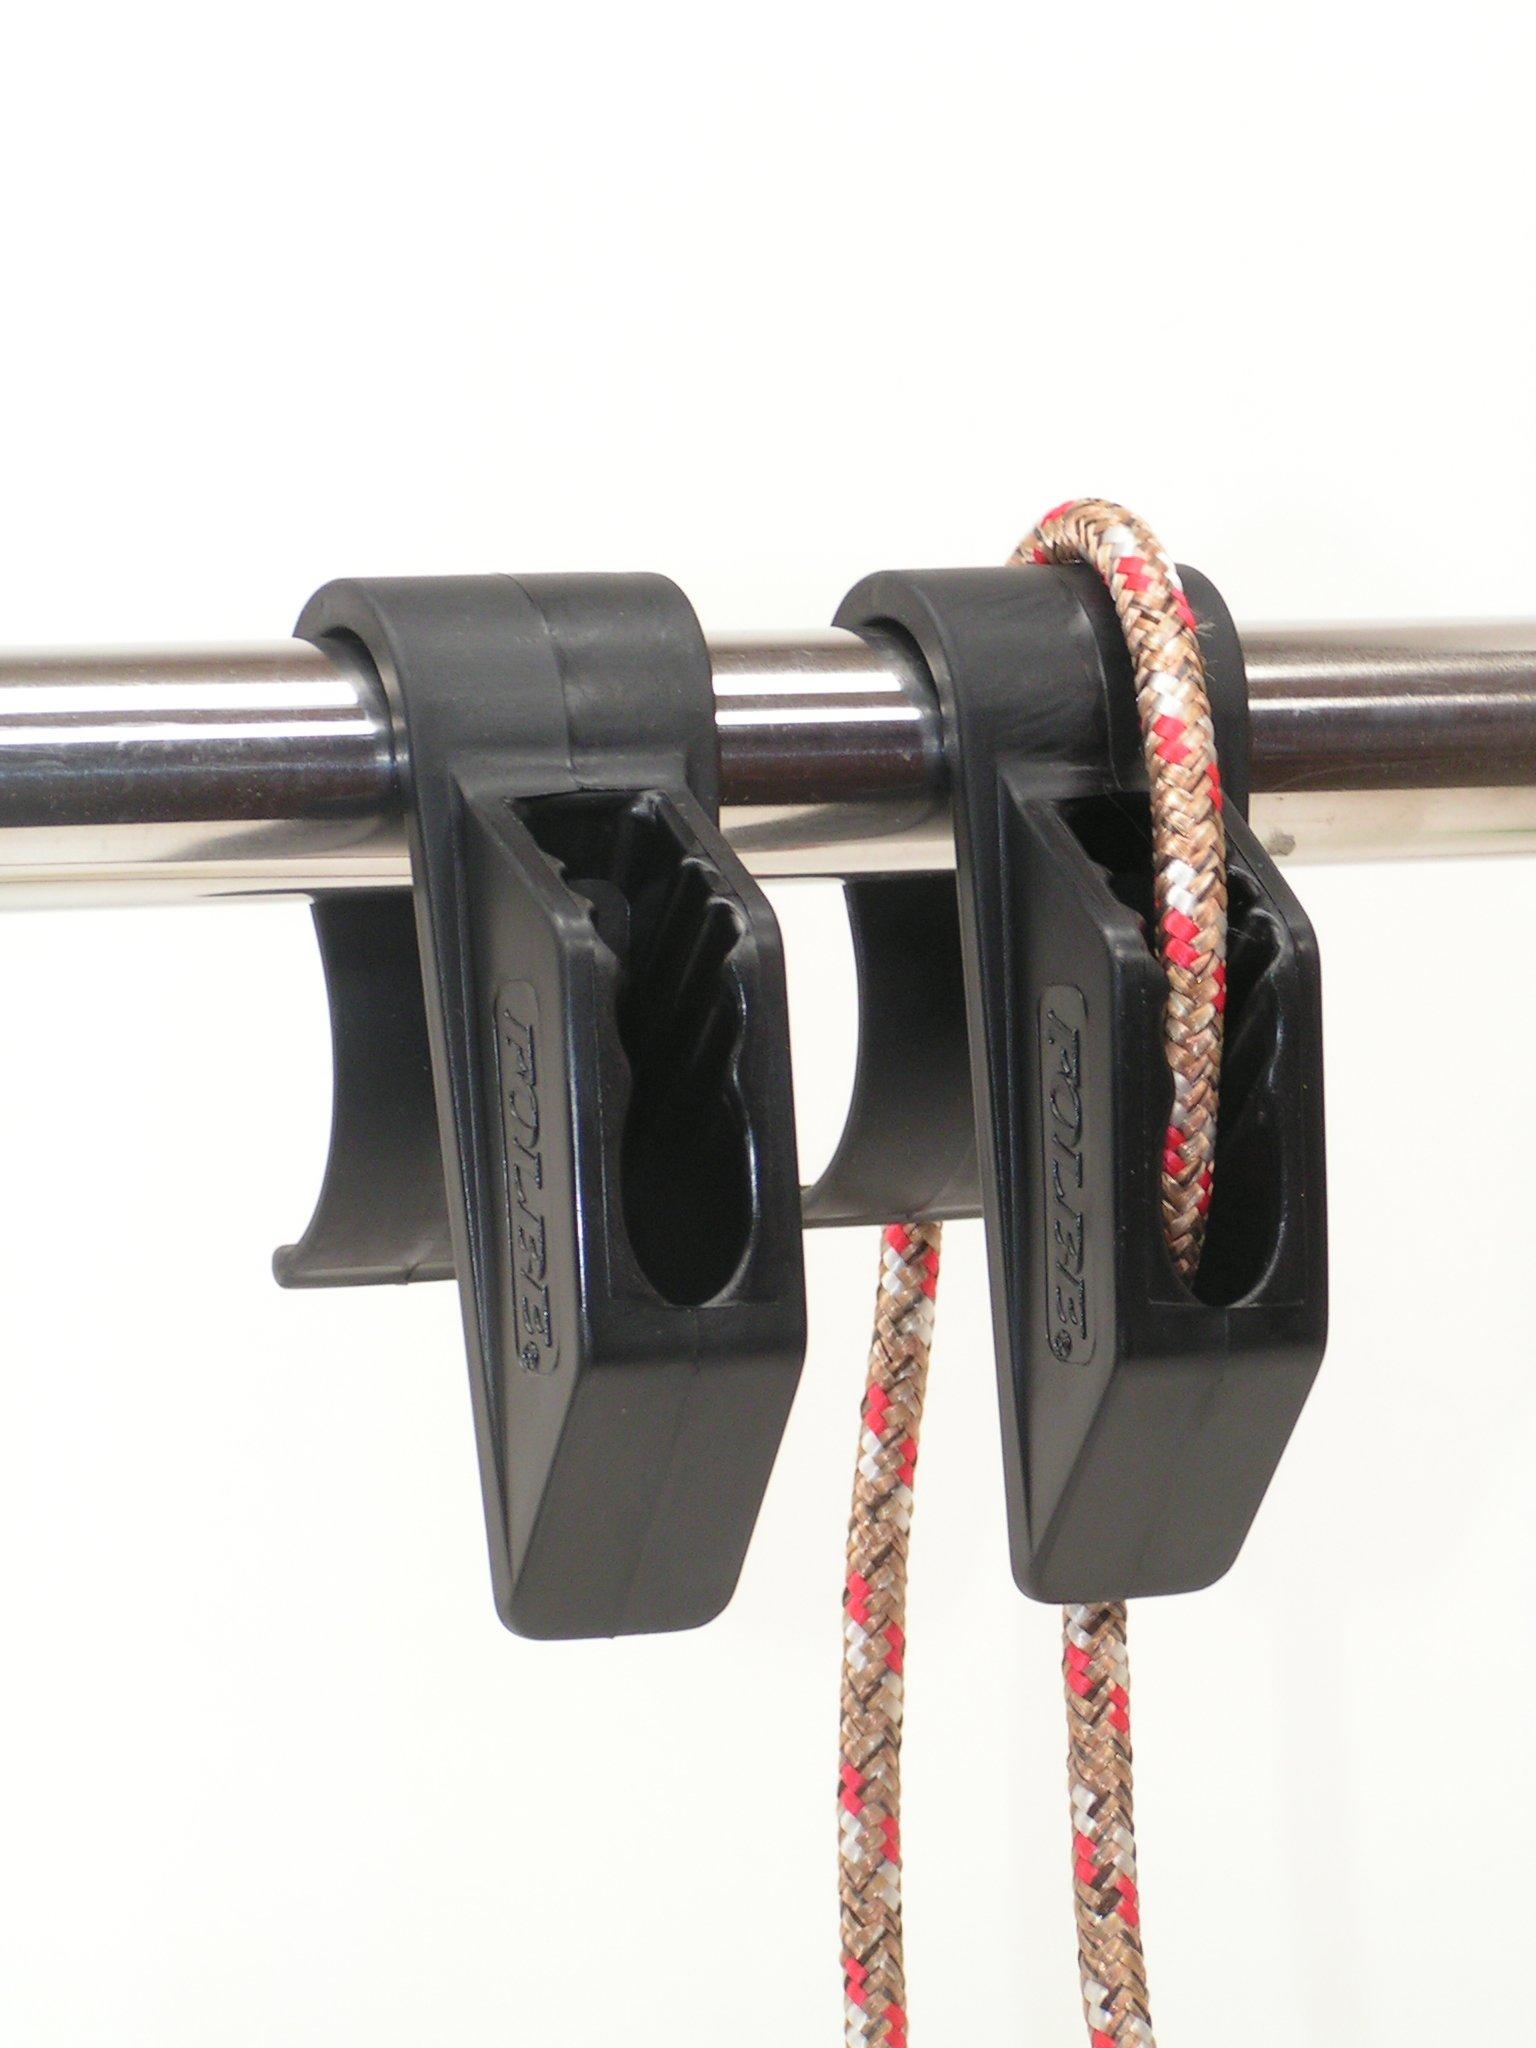 Folbe Boat Fender Hanger Adjuster Clip (Sold in Pairs) - Fits 1'' (25 mm) Rails - Black